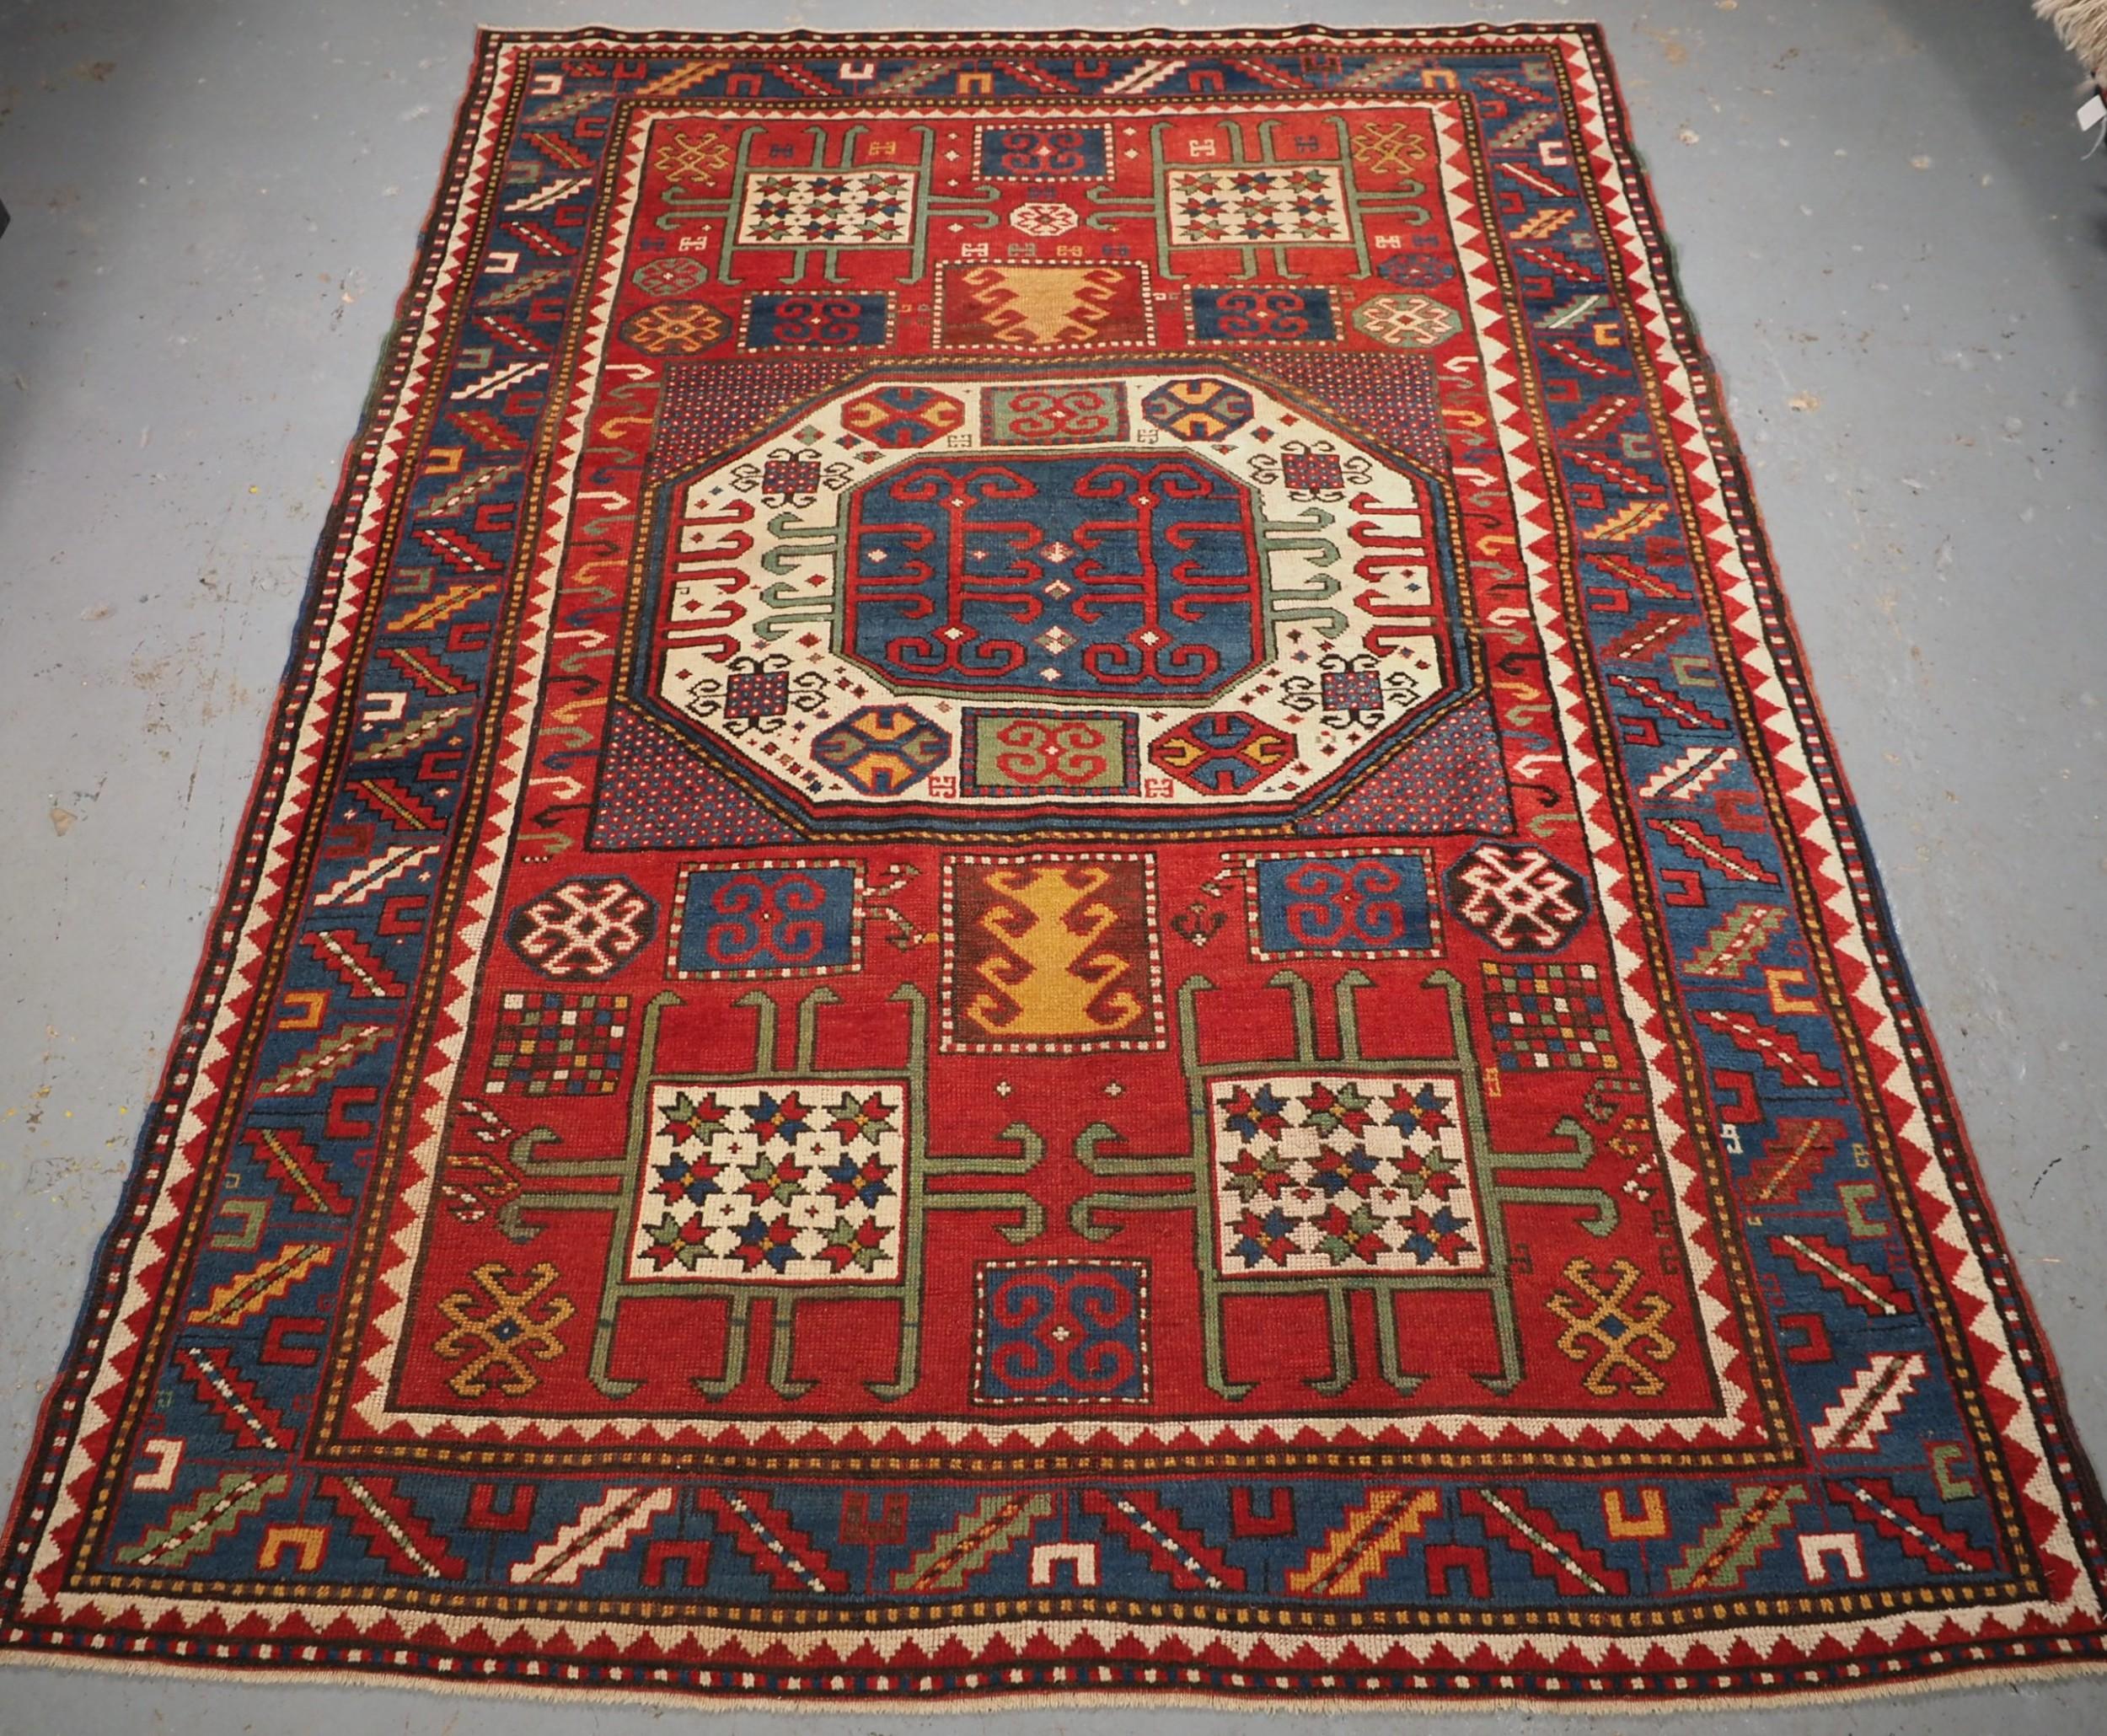 antique caucasian karachov kazak rug of classic design circa 1880